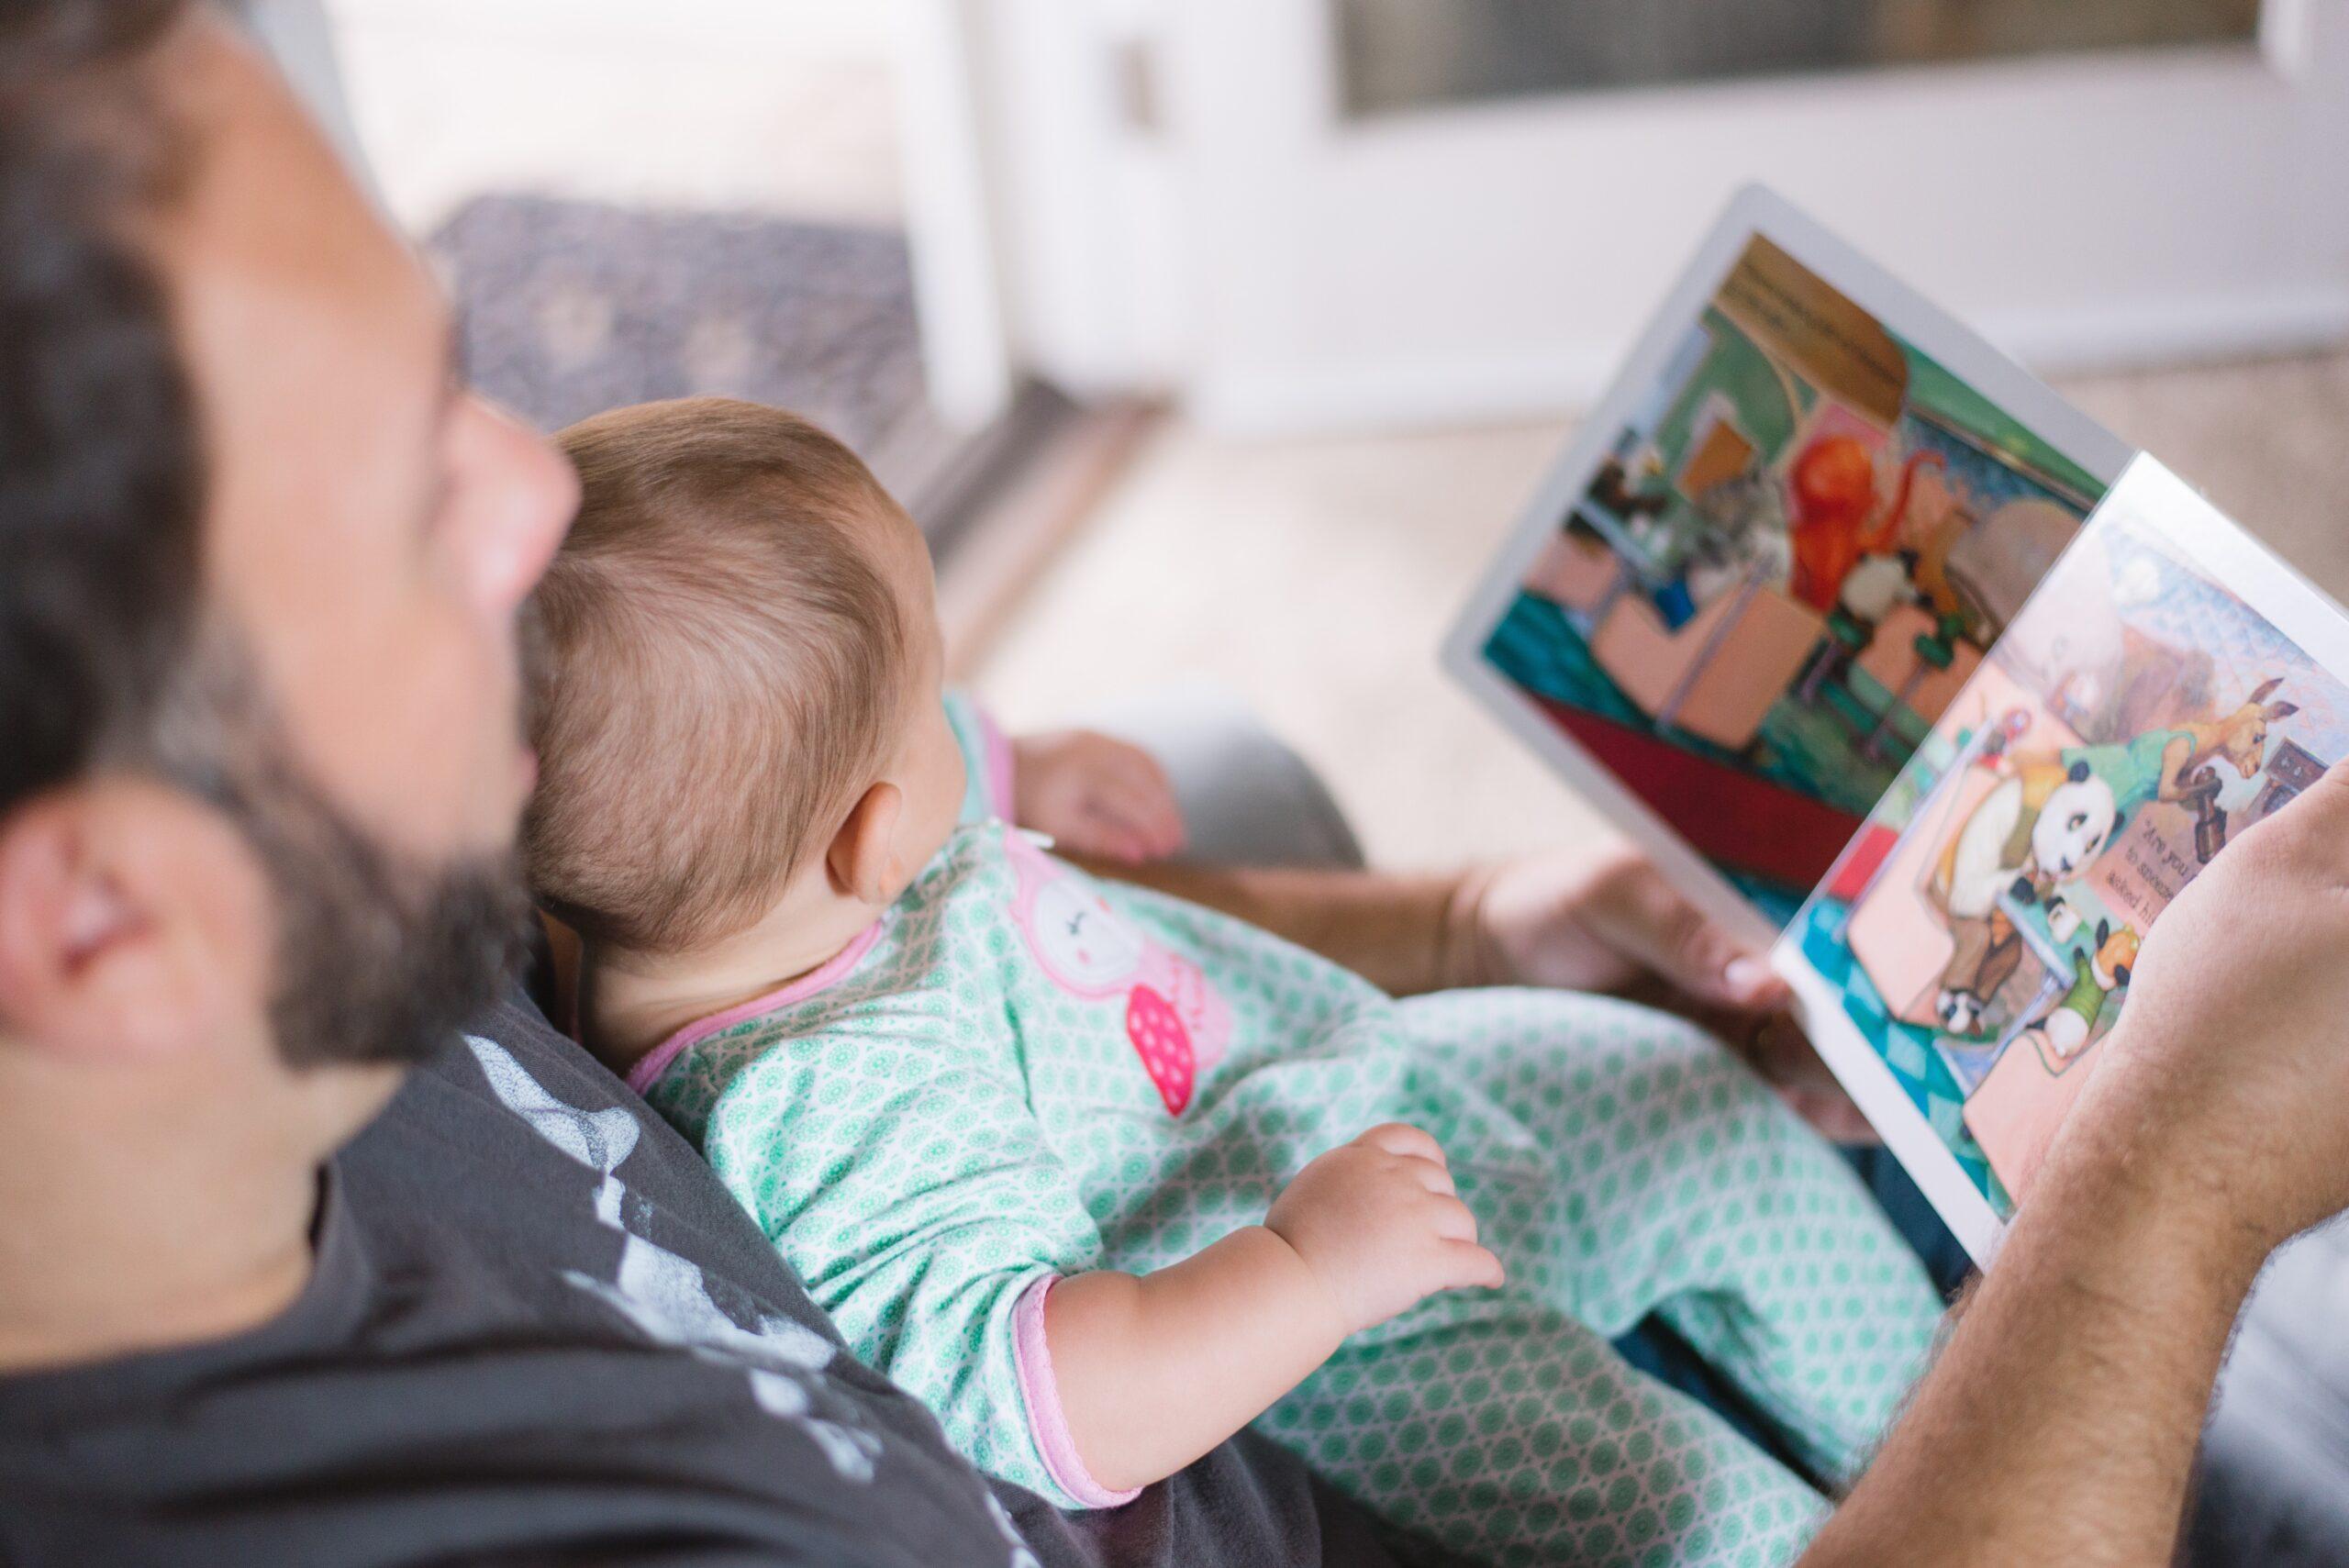 In che modo leggere le storie, aiuta i bambini ad amare la verità